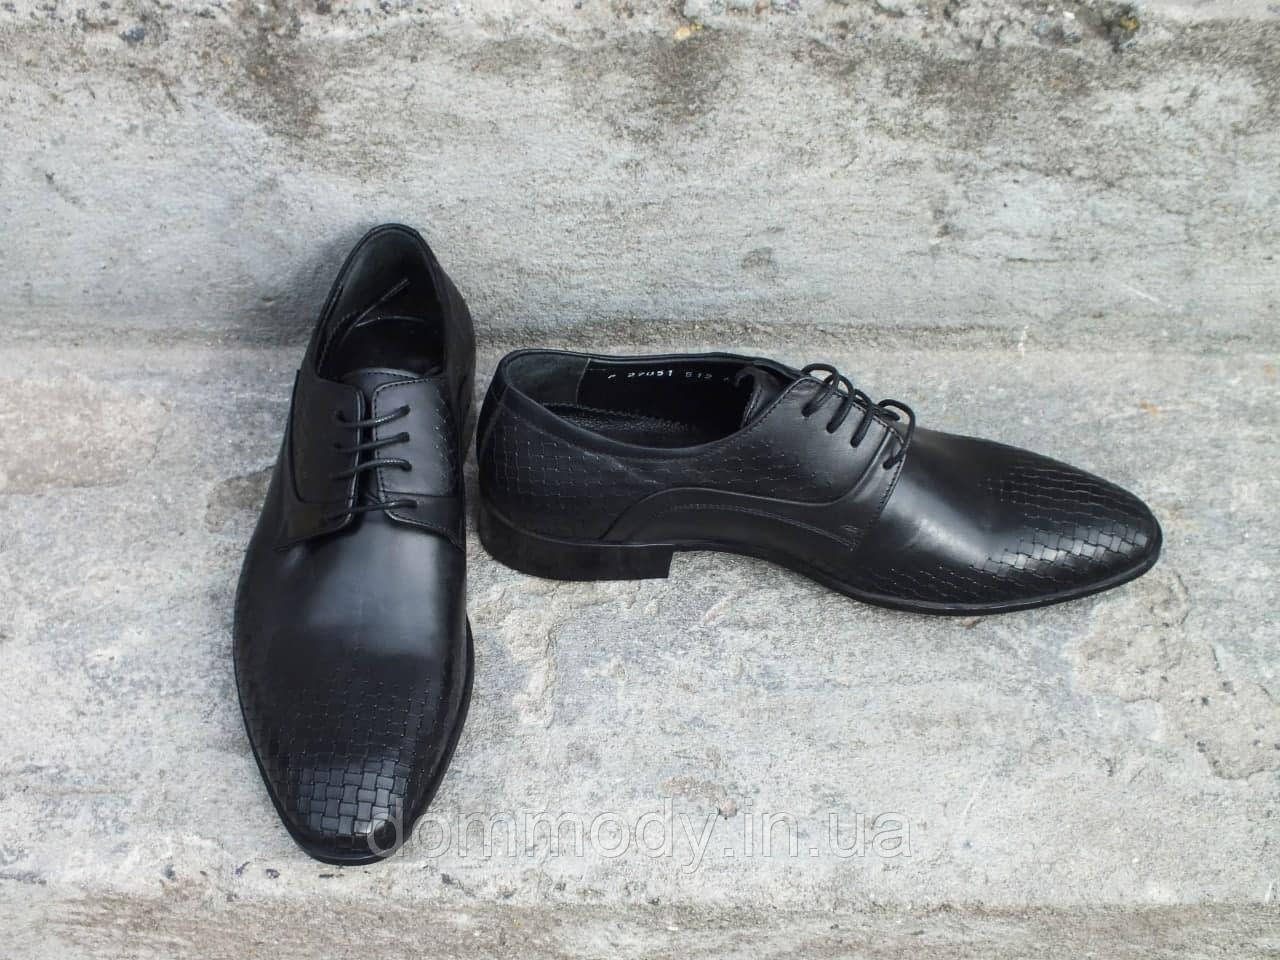 Туфлі чоловічі шкіряні у класичному стилі